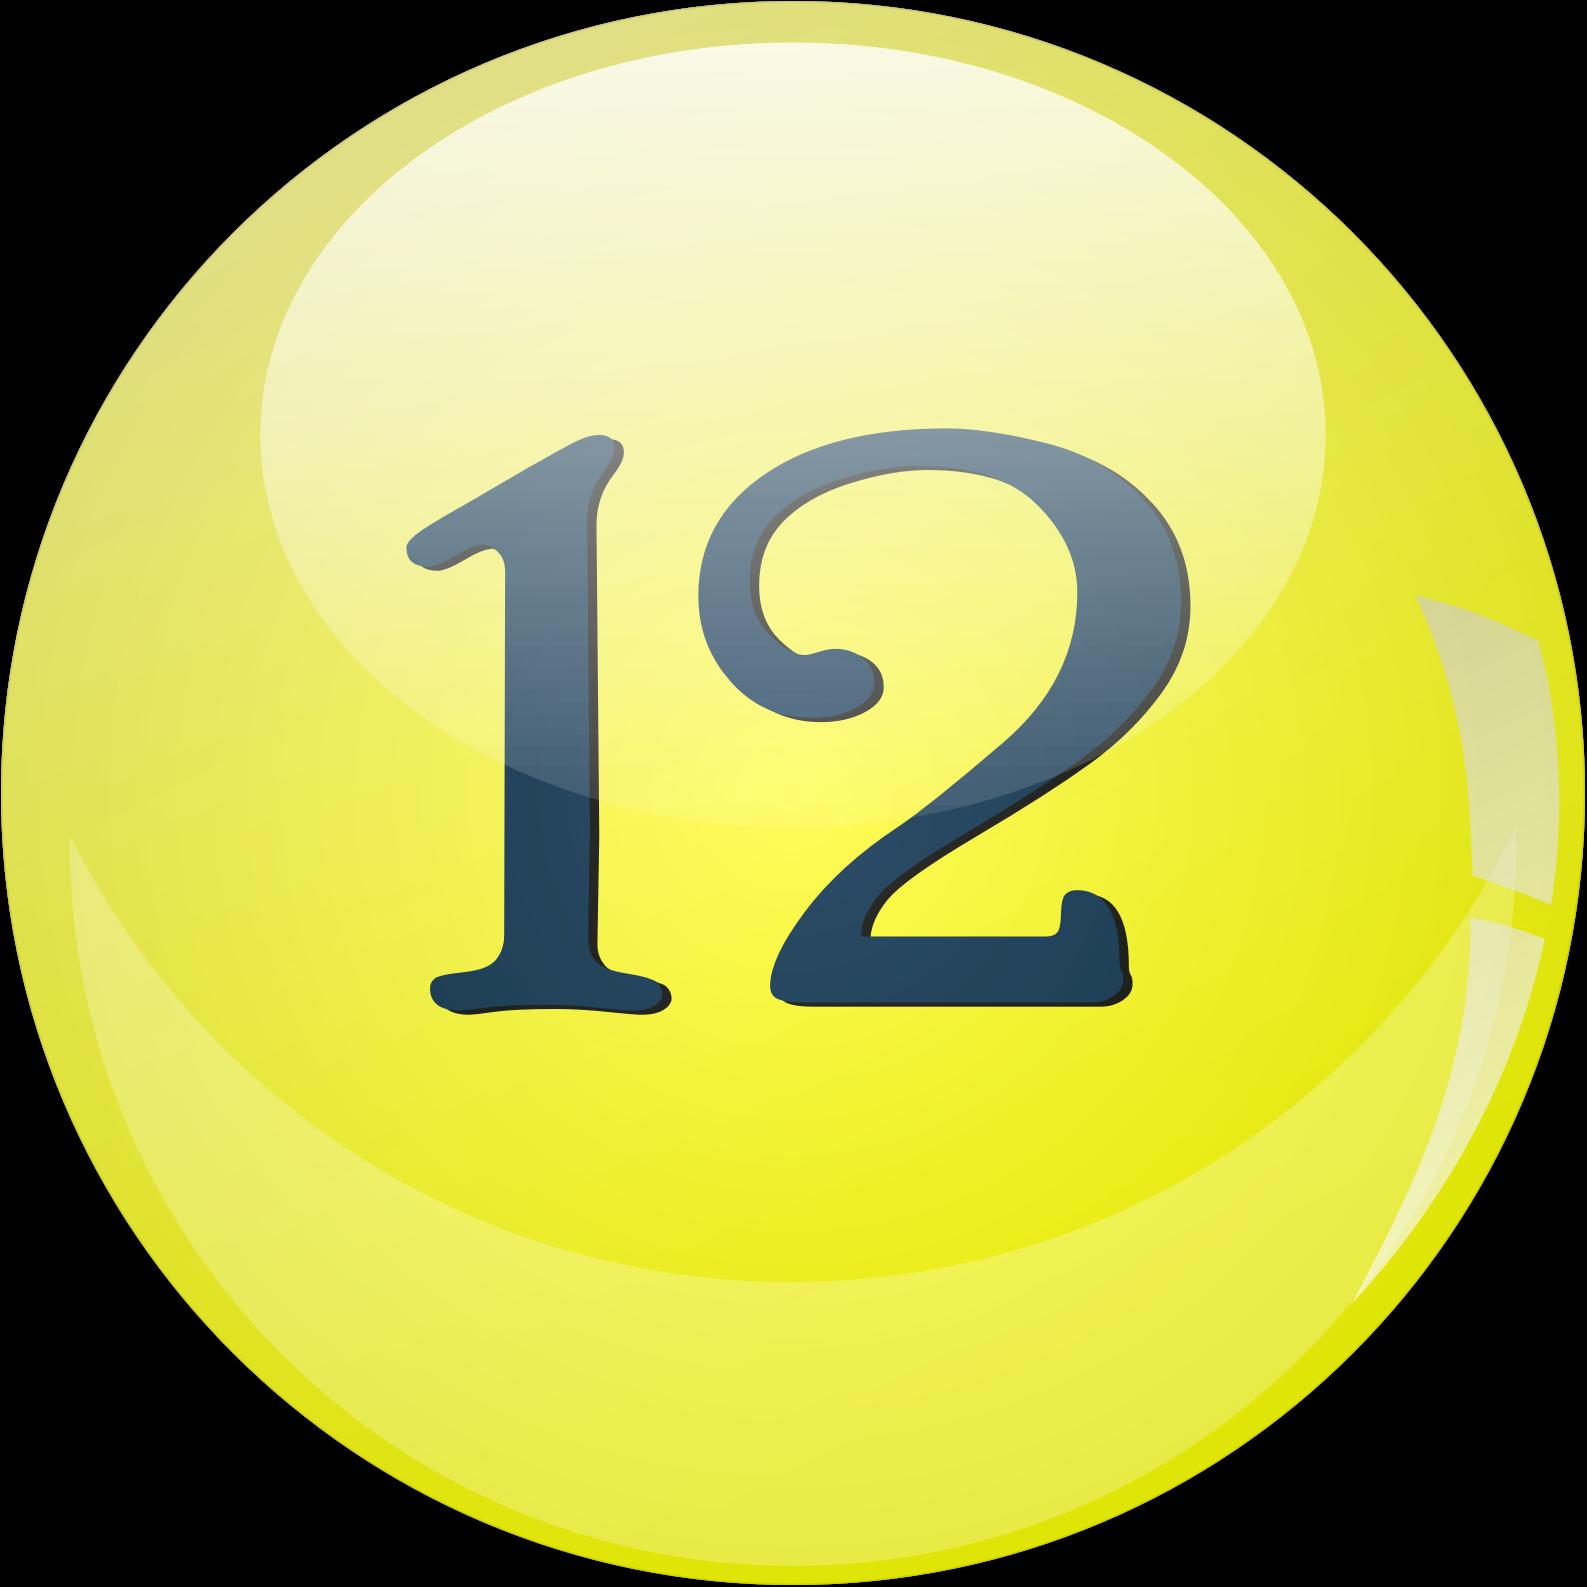 Small lotteries and gambling act washington gambling license